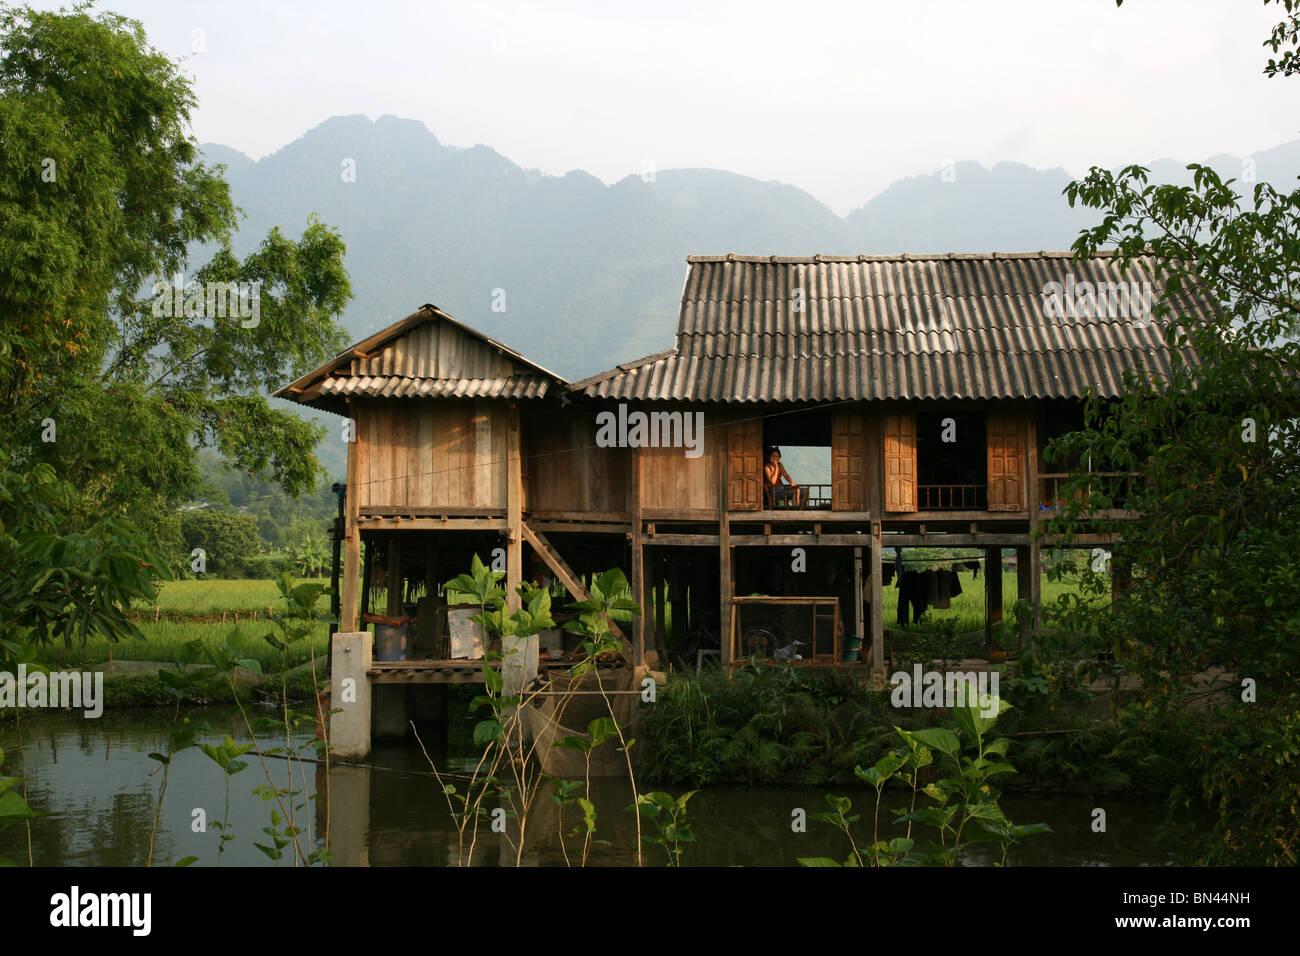 Wooden Stilt House In The Mai Chau Valley, Vietnam